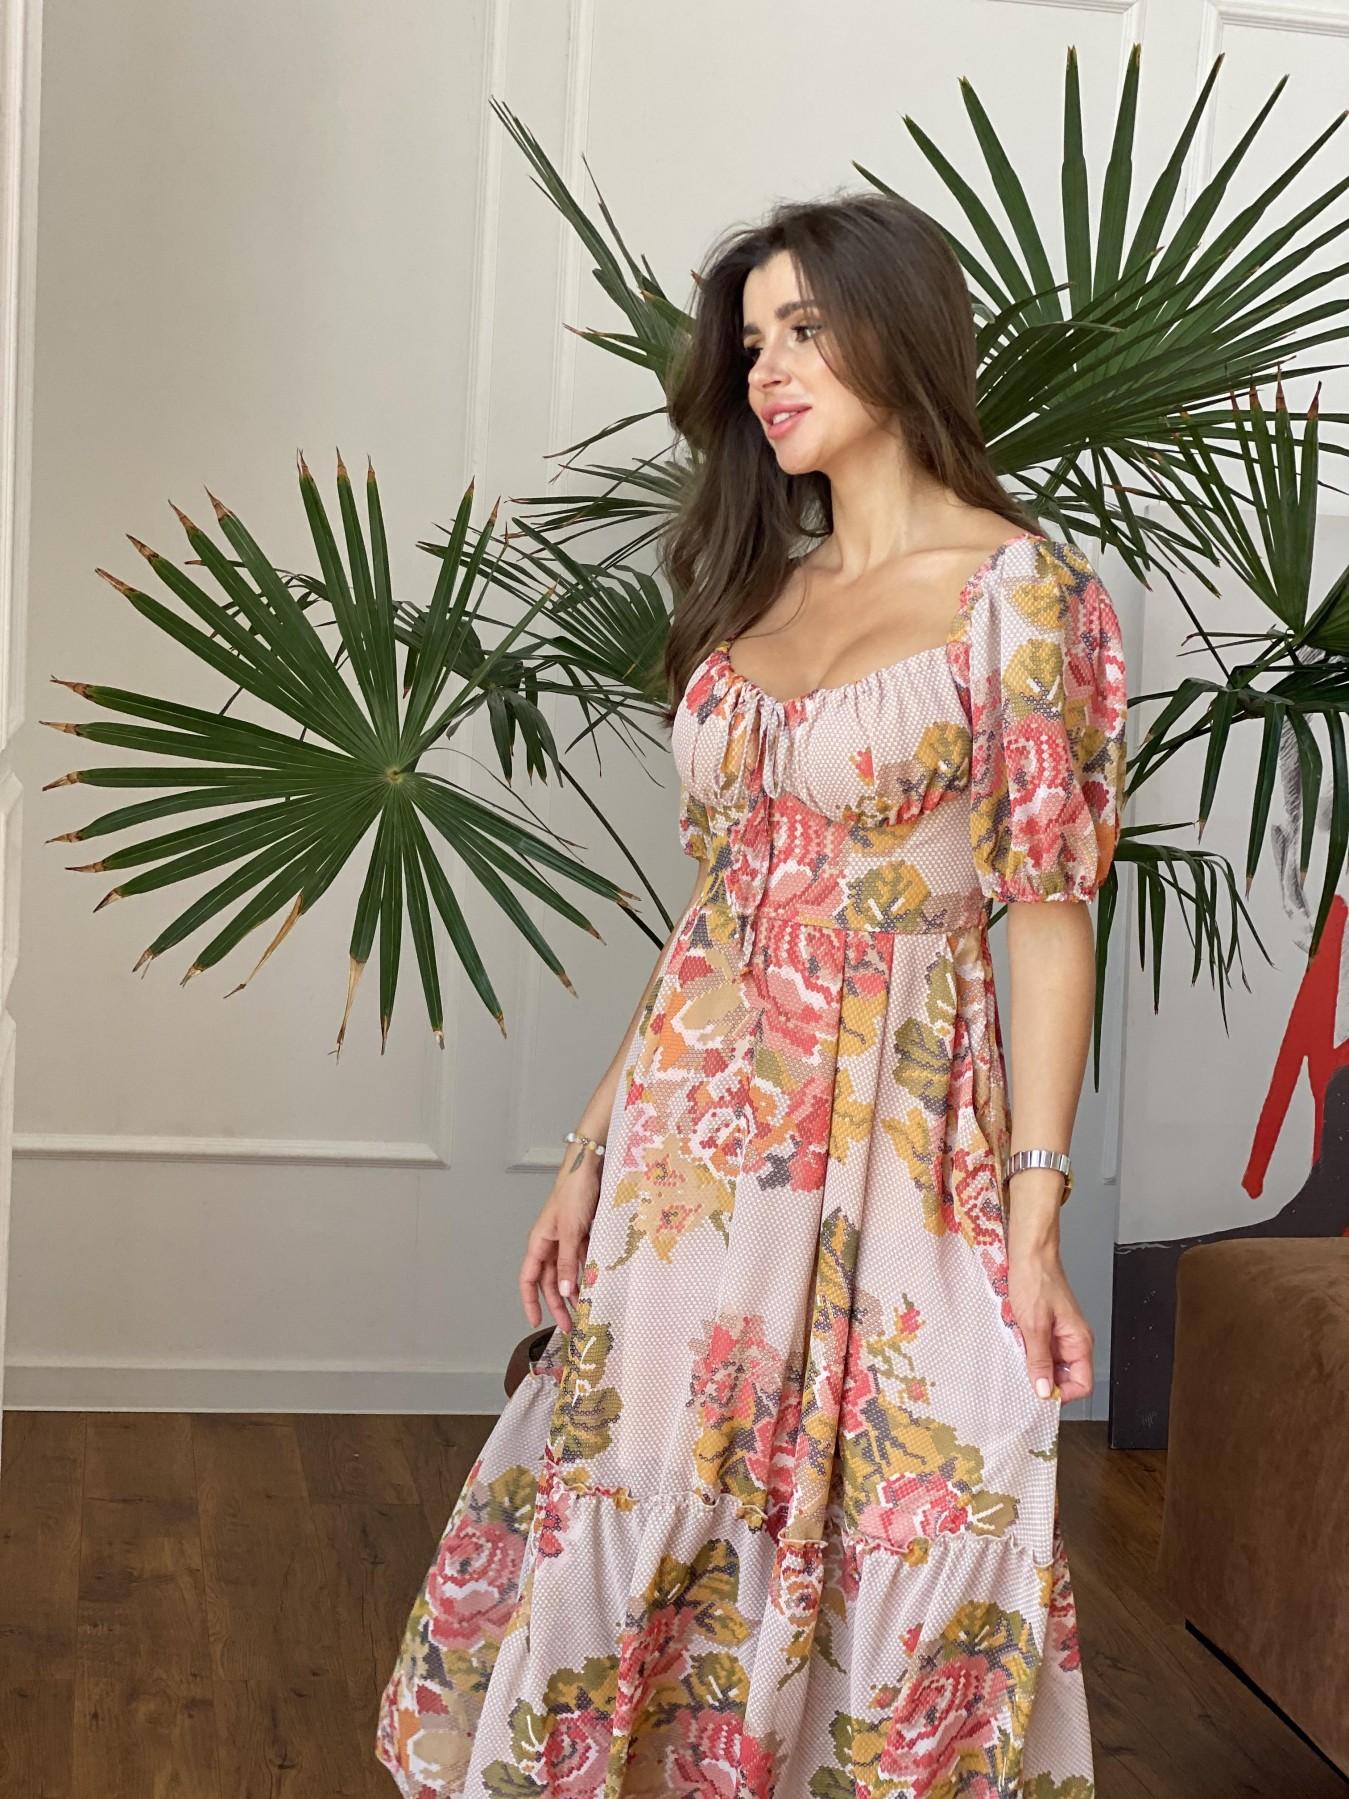 Лоретта платье из шифона в принт 11468 АРТ. 48252 Цвет: Беж.Св/Беж вышивка - фото 7, интернет магазин tm-modus.ru